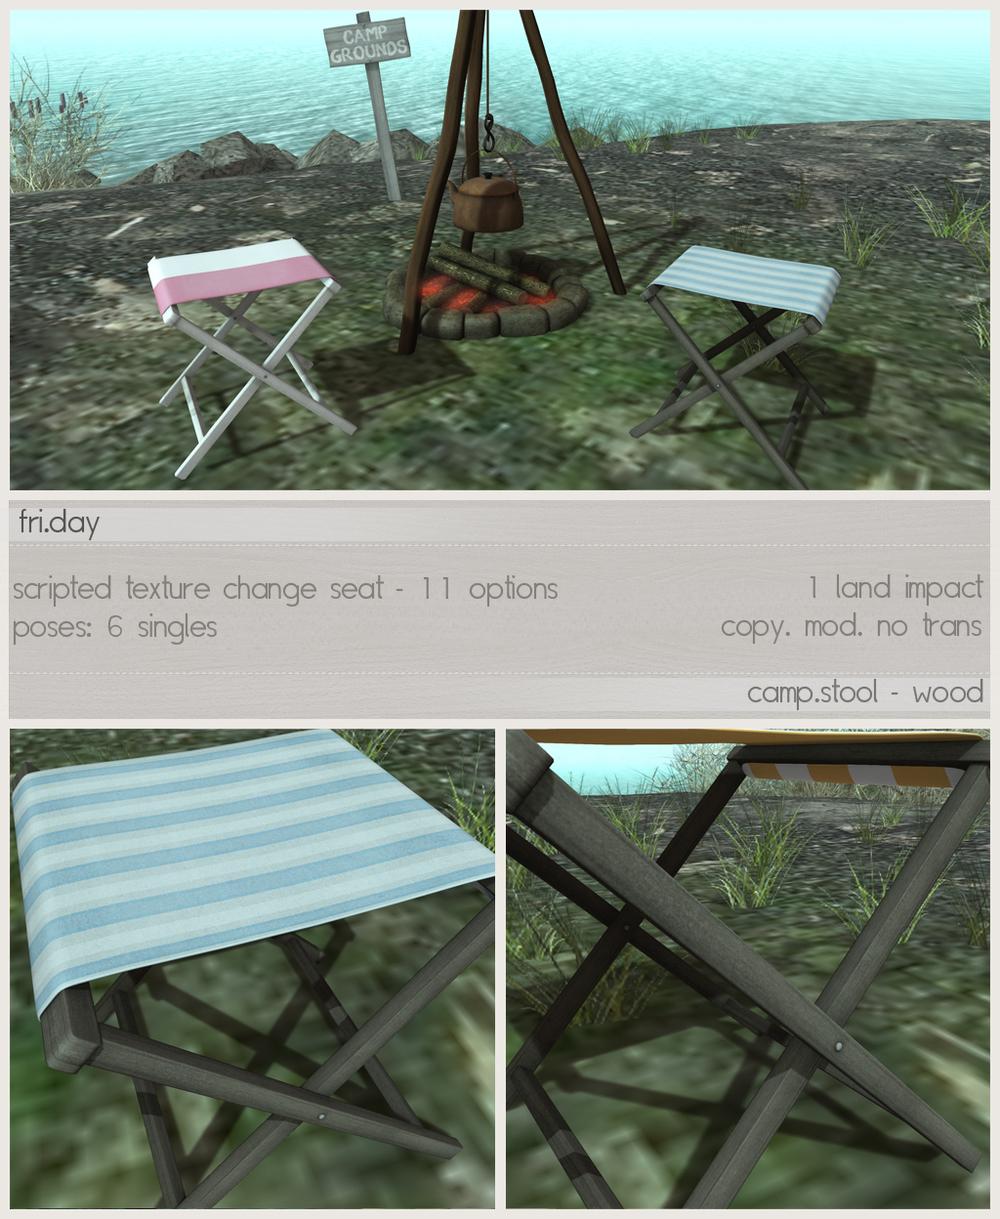 fri - Camp Stool Ad (Wood).jpg